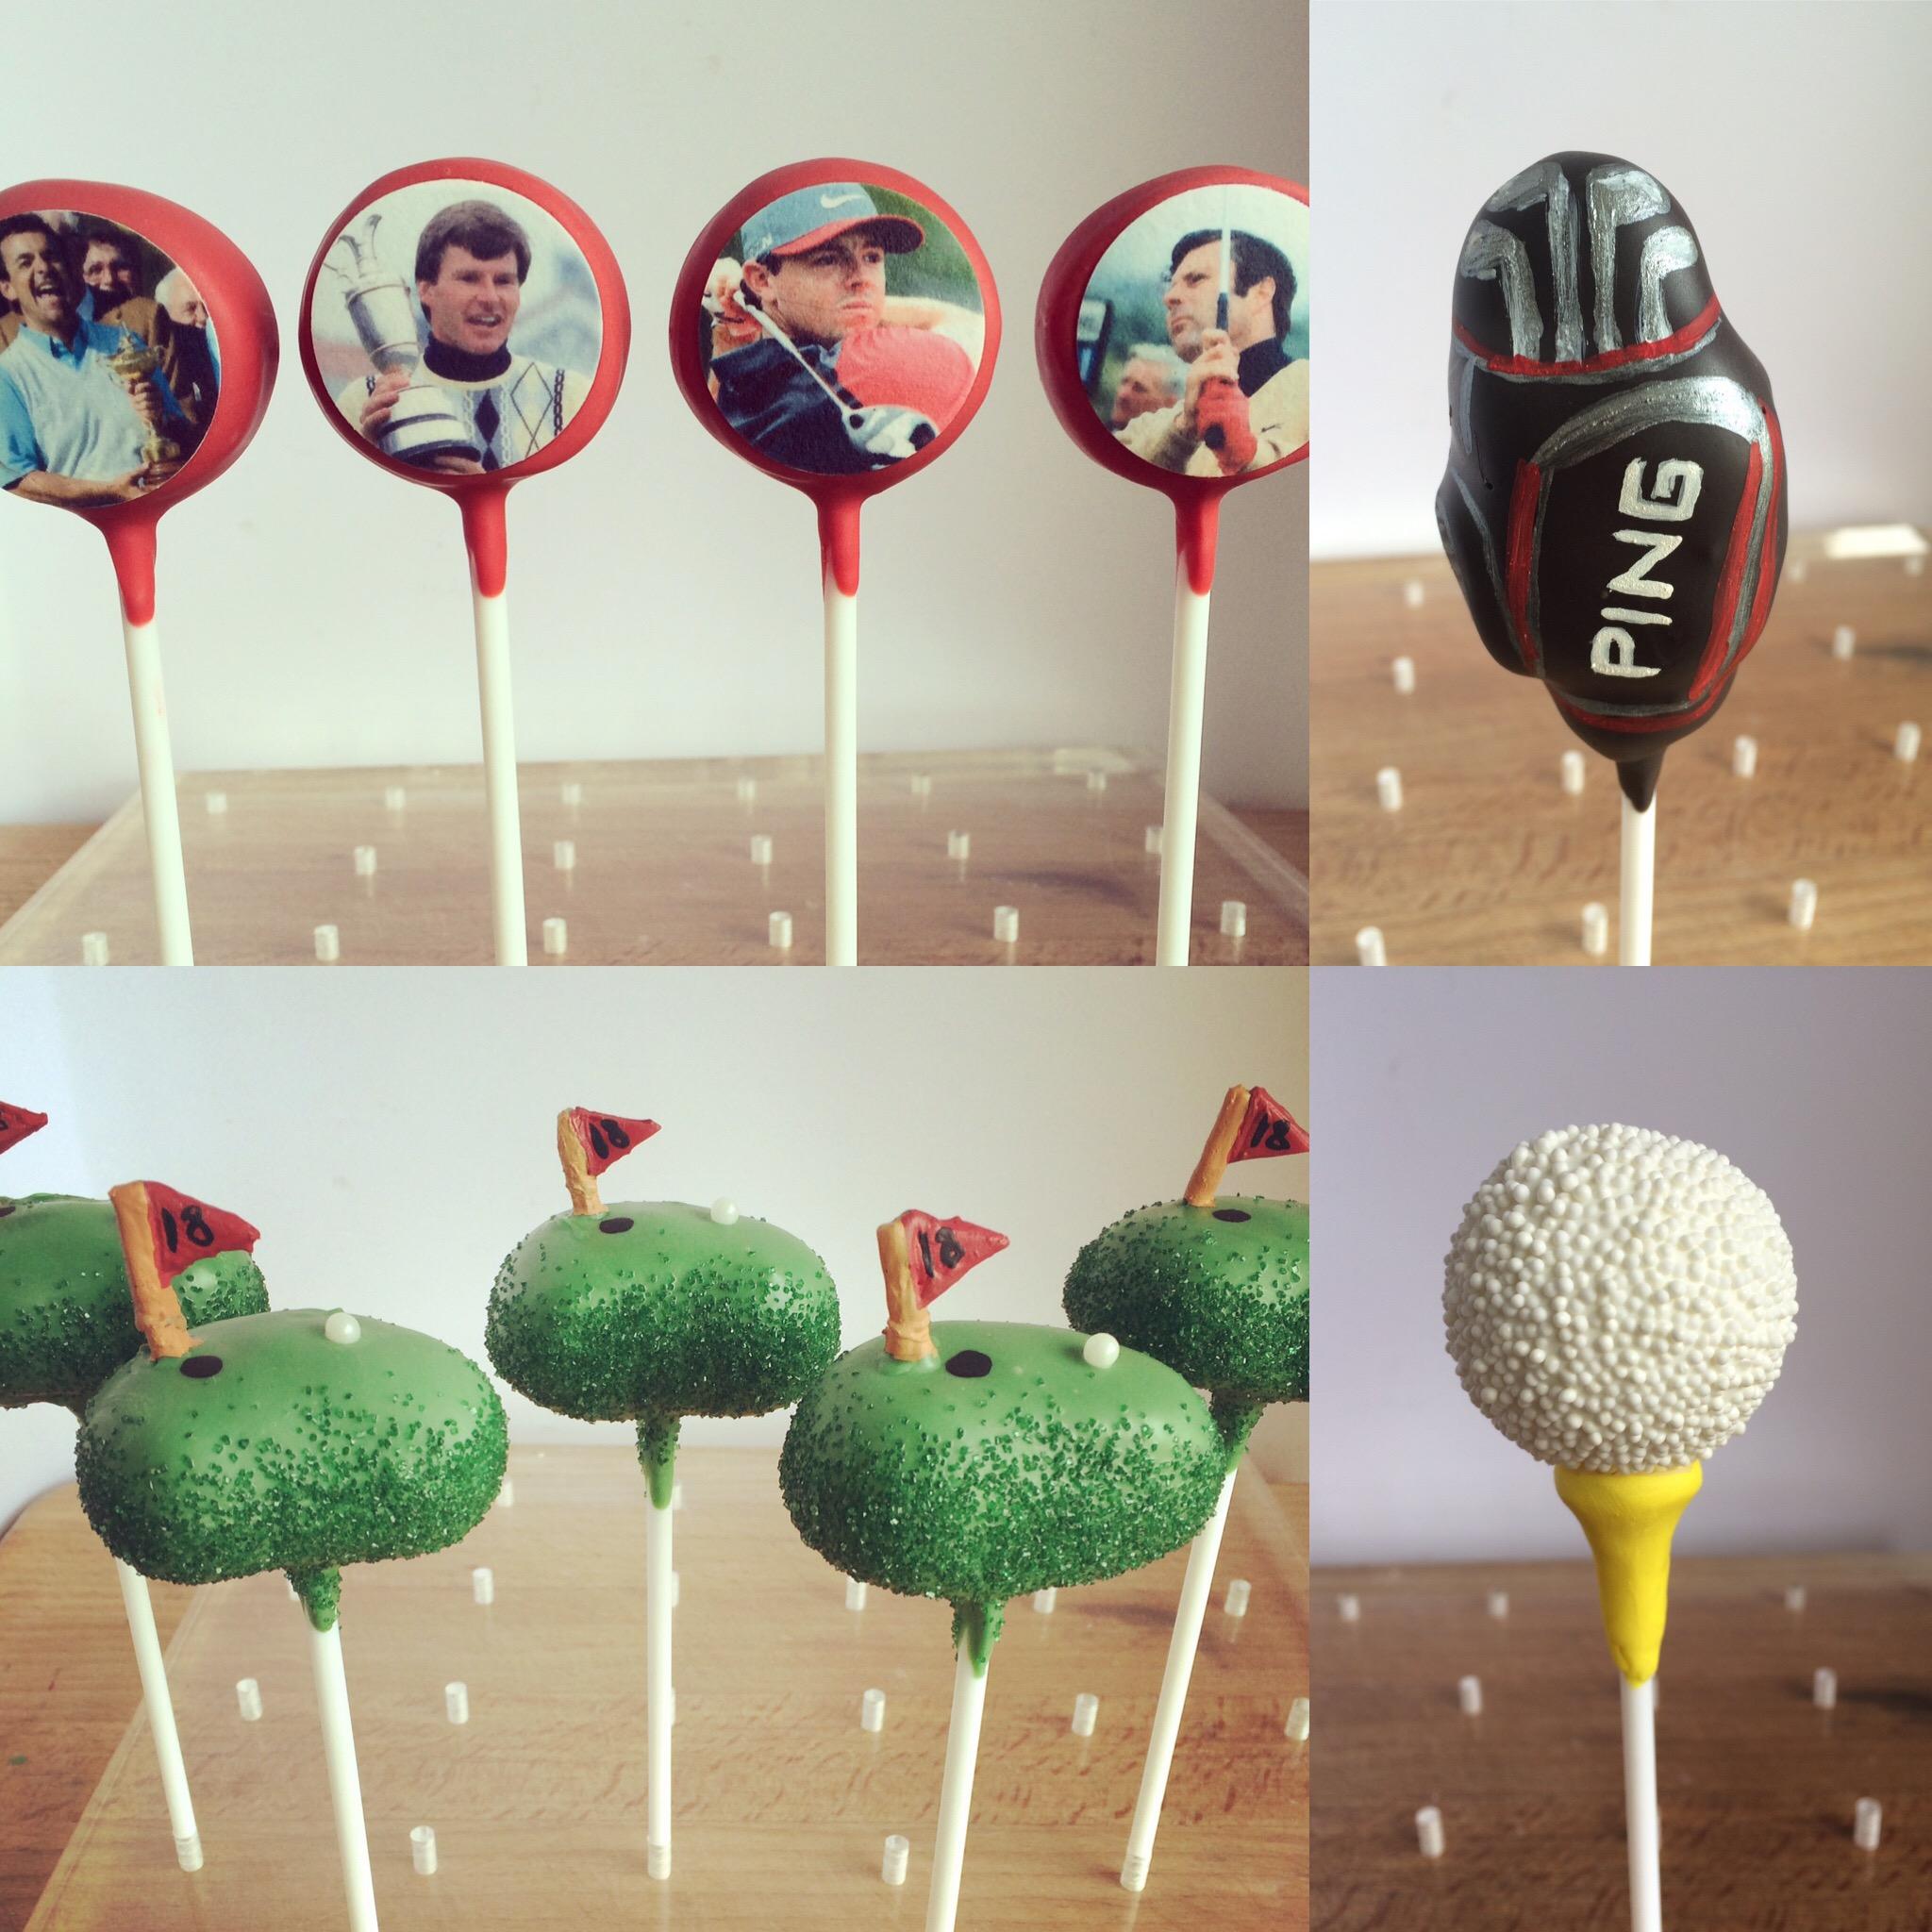 Golfer Pops